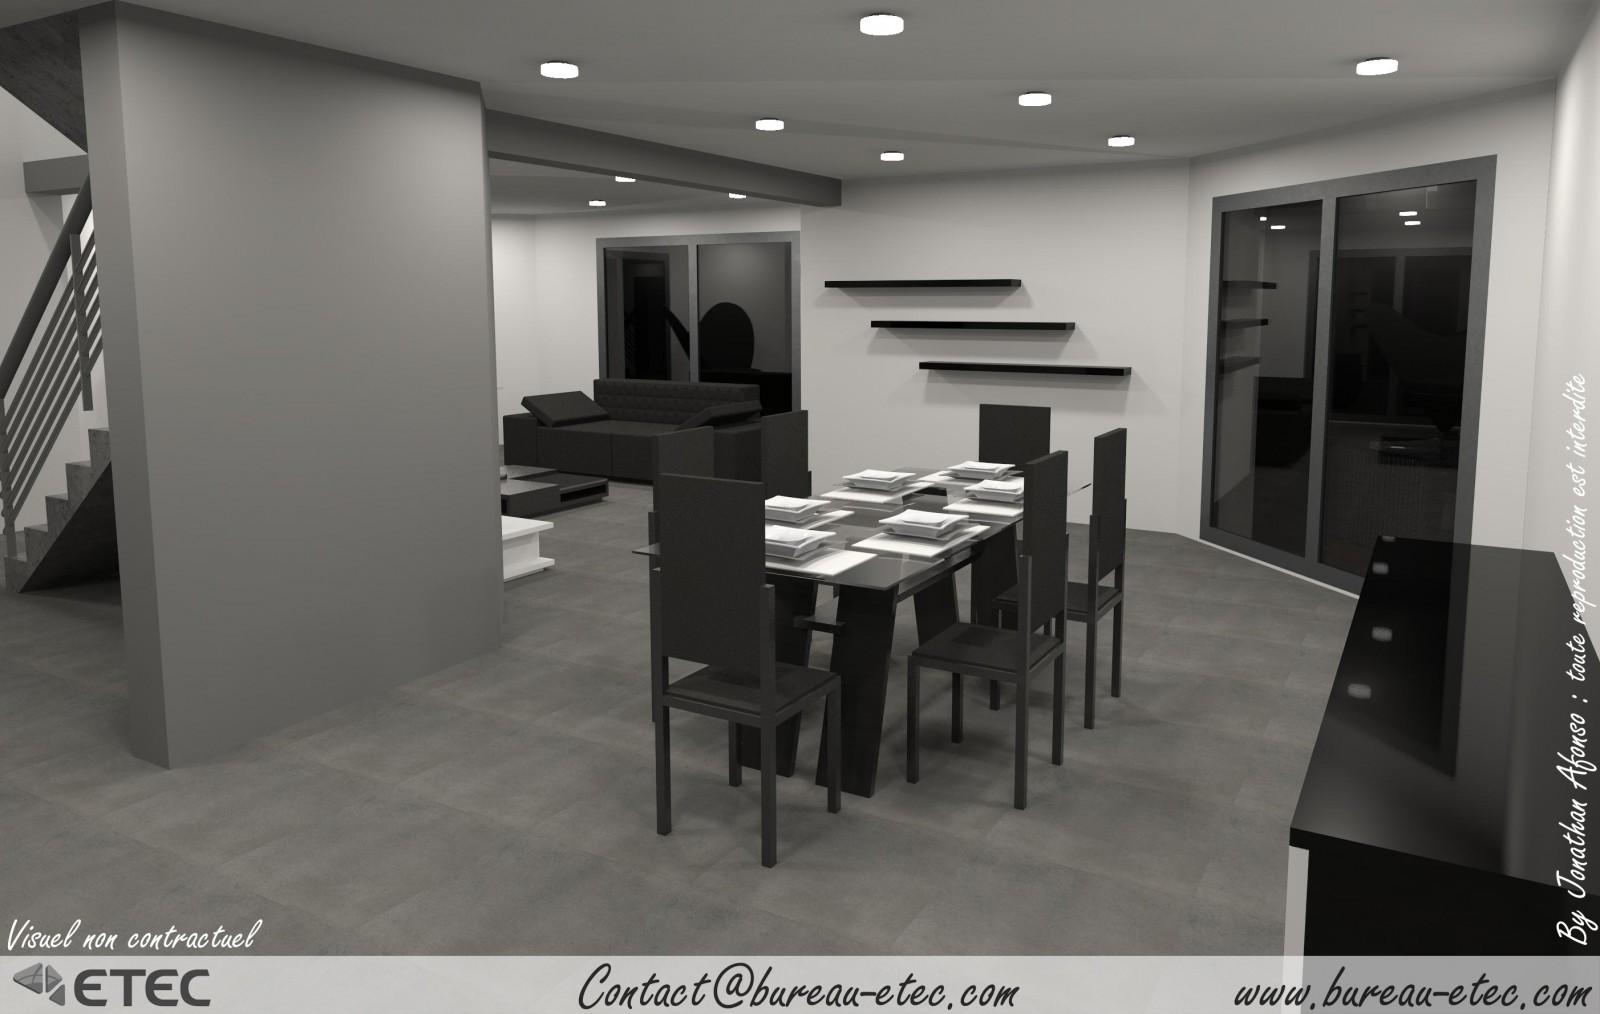 Maison contemporaine couternon etec - Vaisselle contemporaine moderne ...